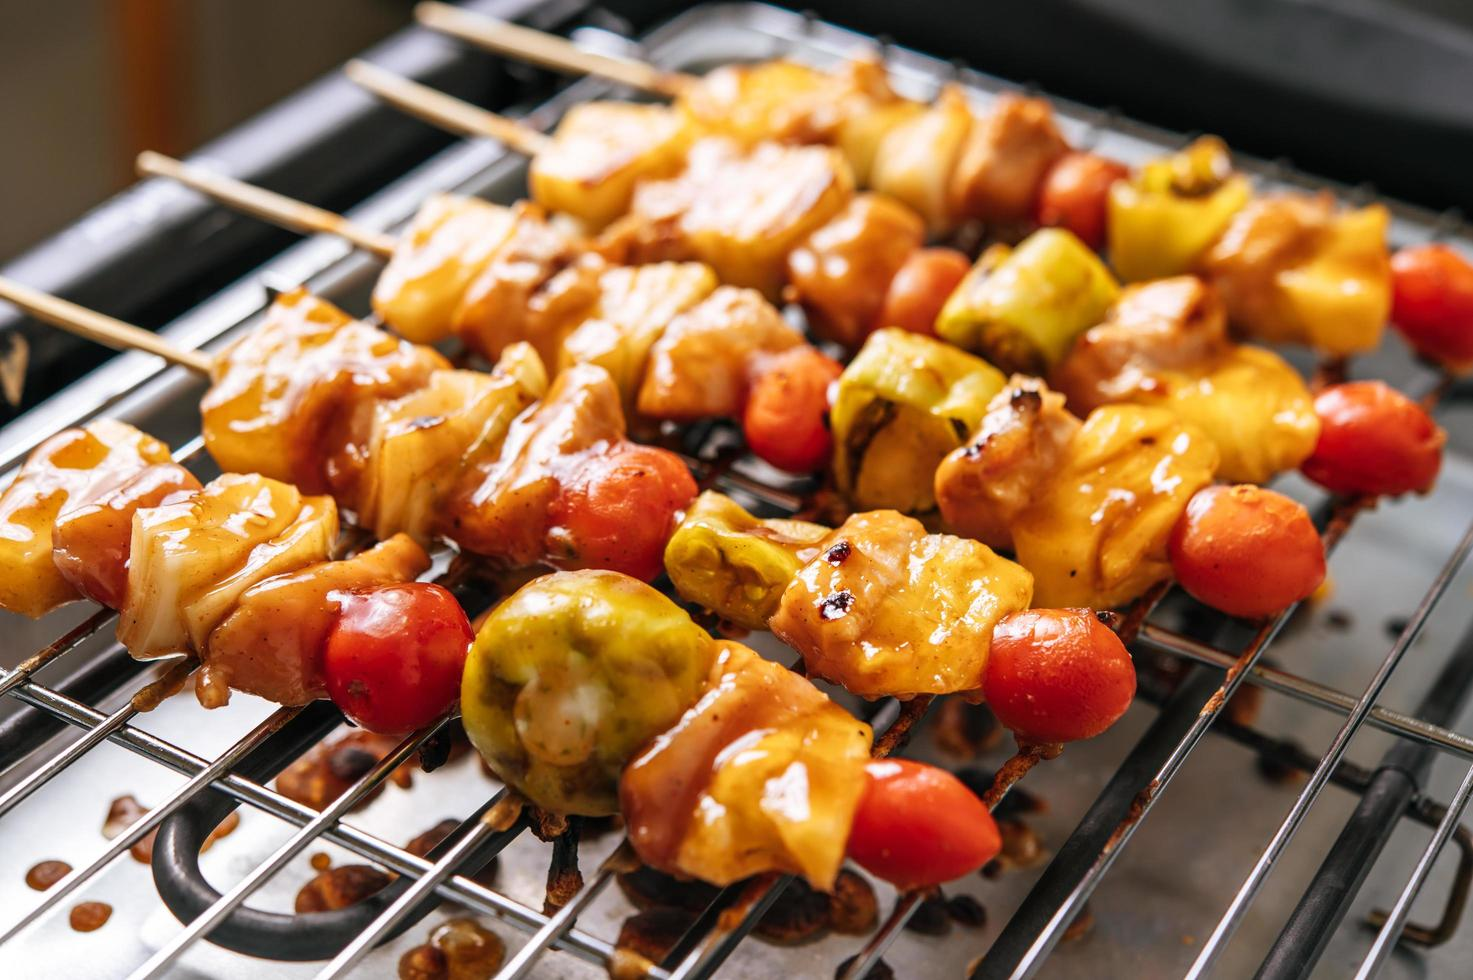 churrasqueira com variedade de carnes, tomate e pimentão foto